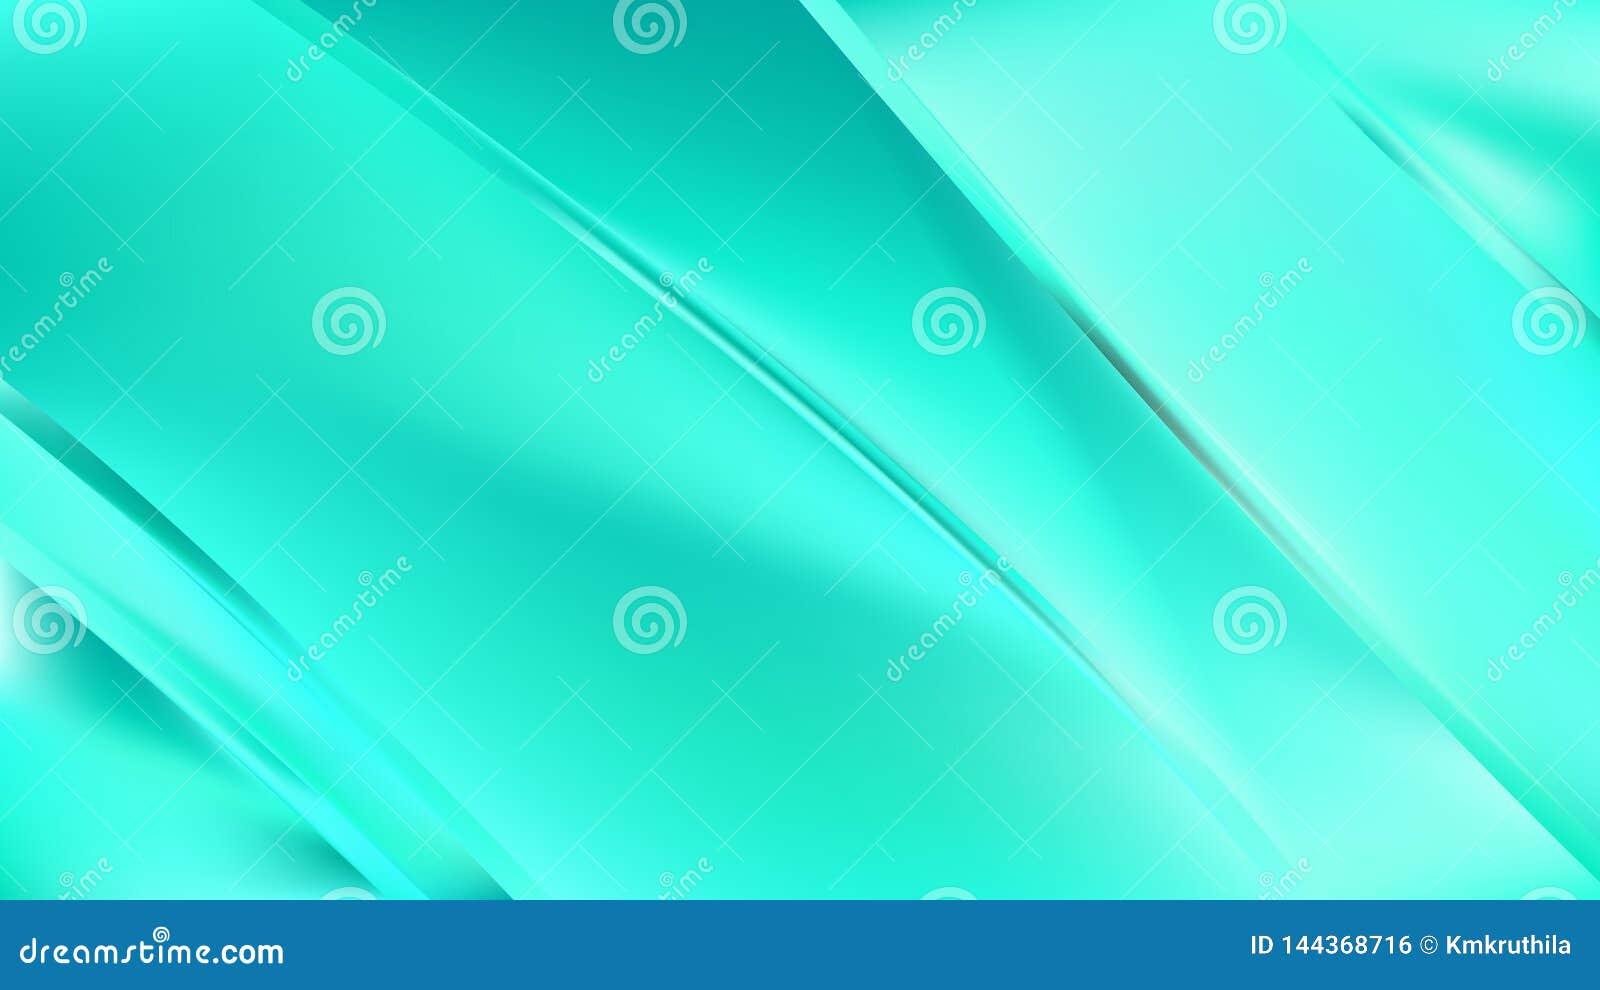 Linee brillanti immagine di sfondo della diagonale di verde della menta